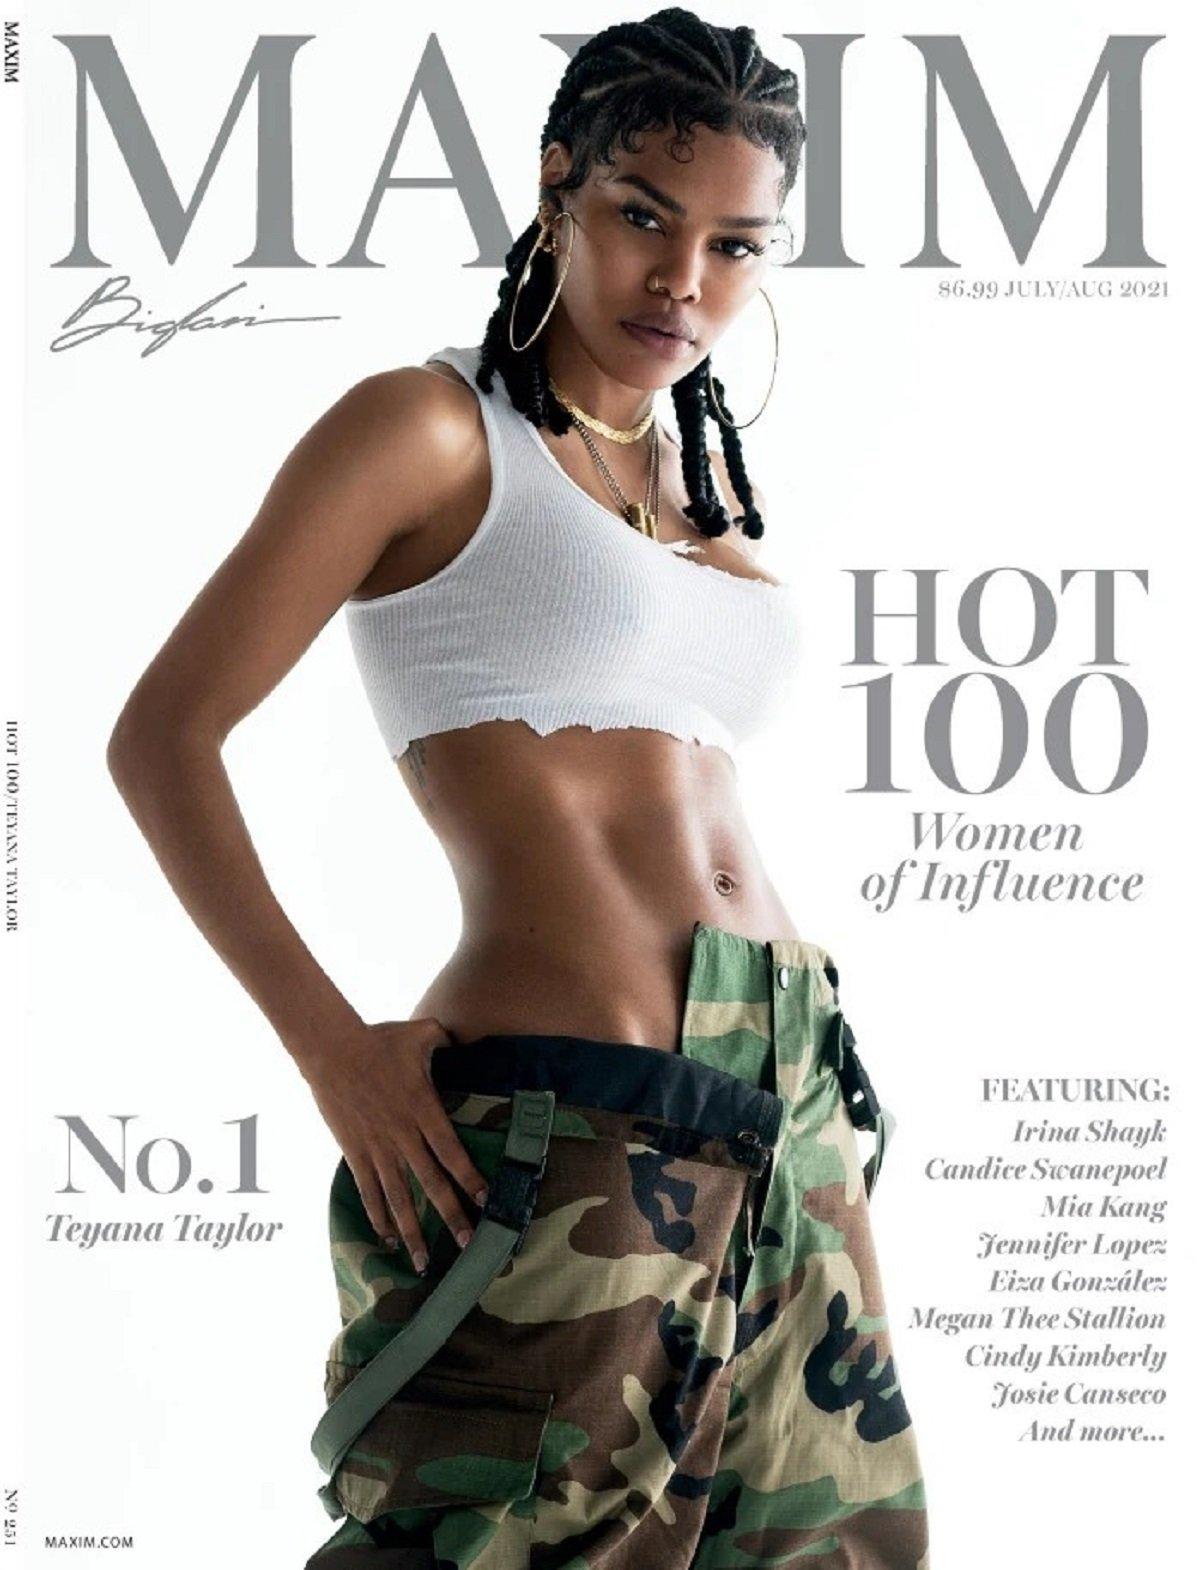 Người phụ nữ đẹp nhất thế giới theo tạp chí Maxim